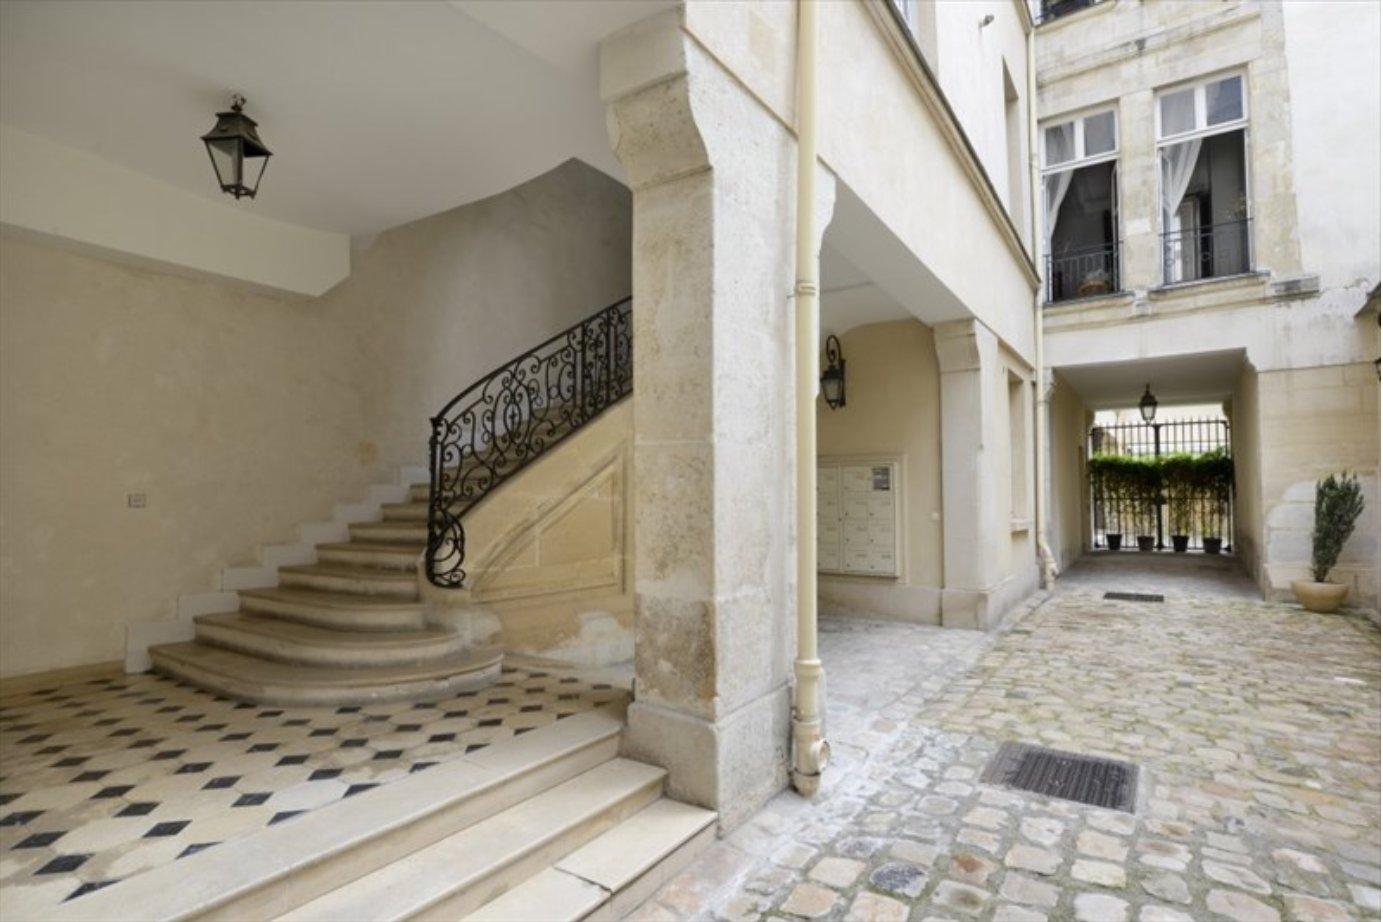 PLACE DES VOSGES (Près) - 75003 PARIS